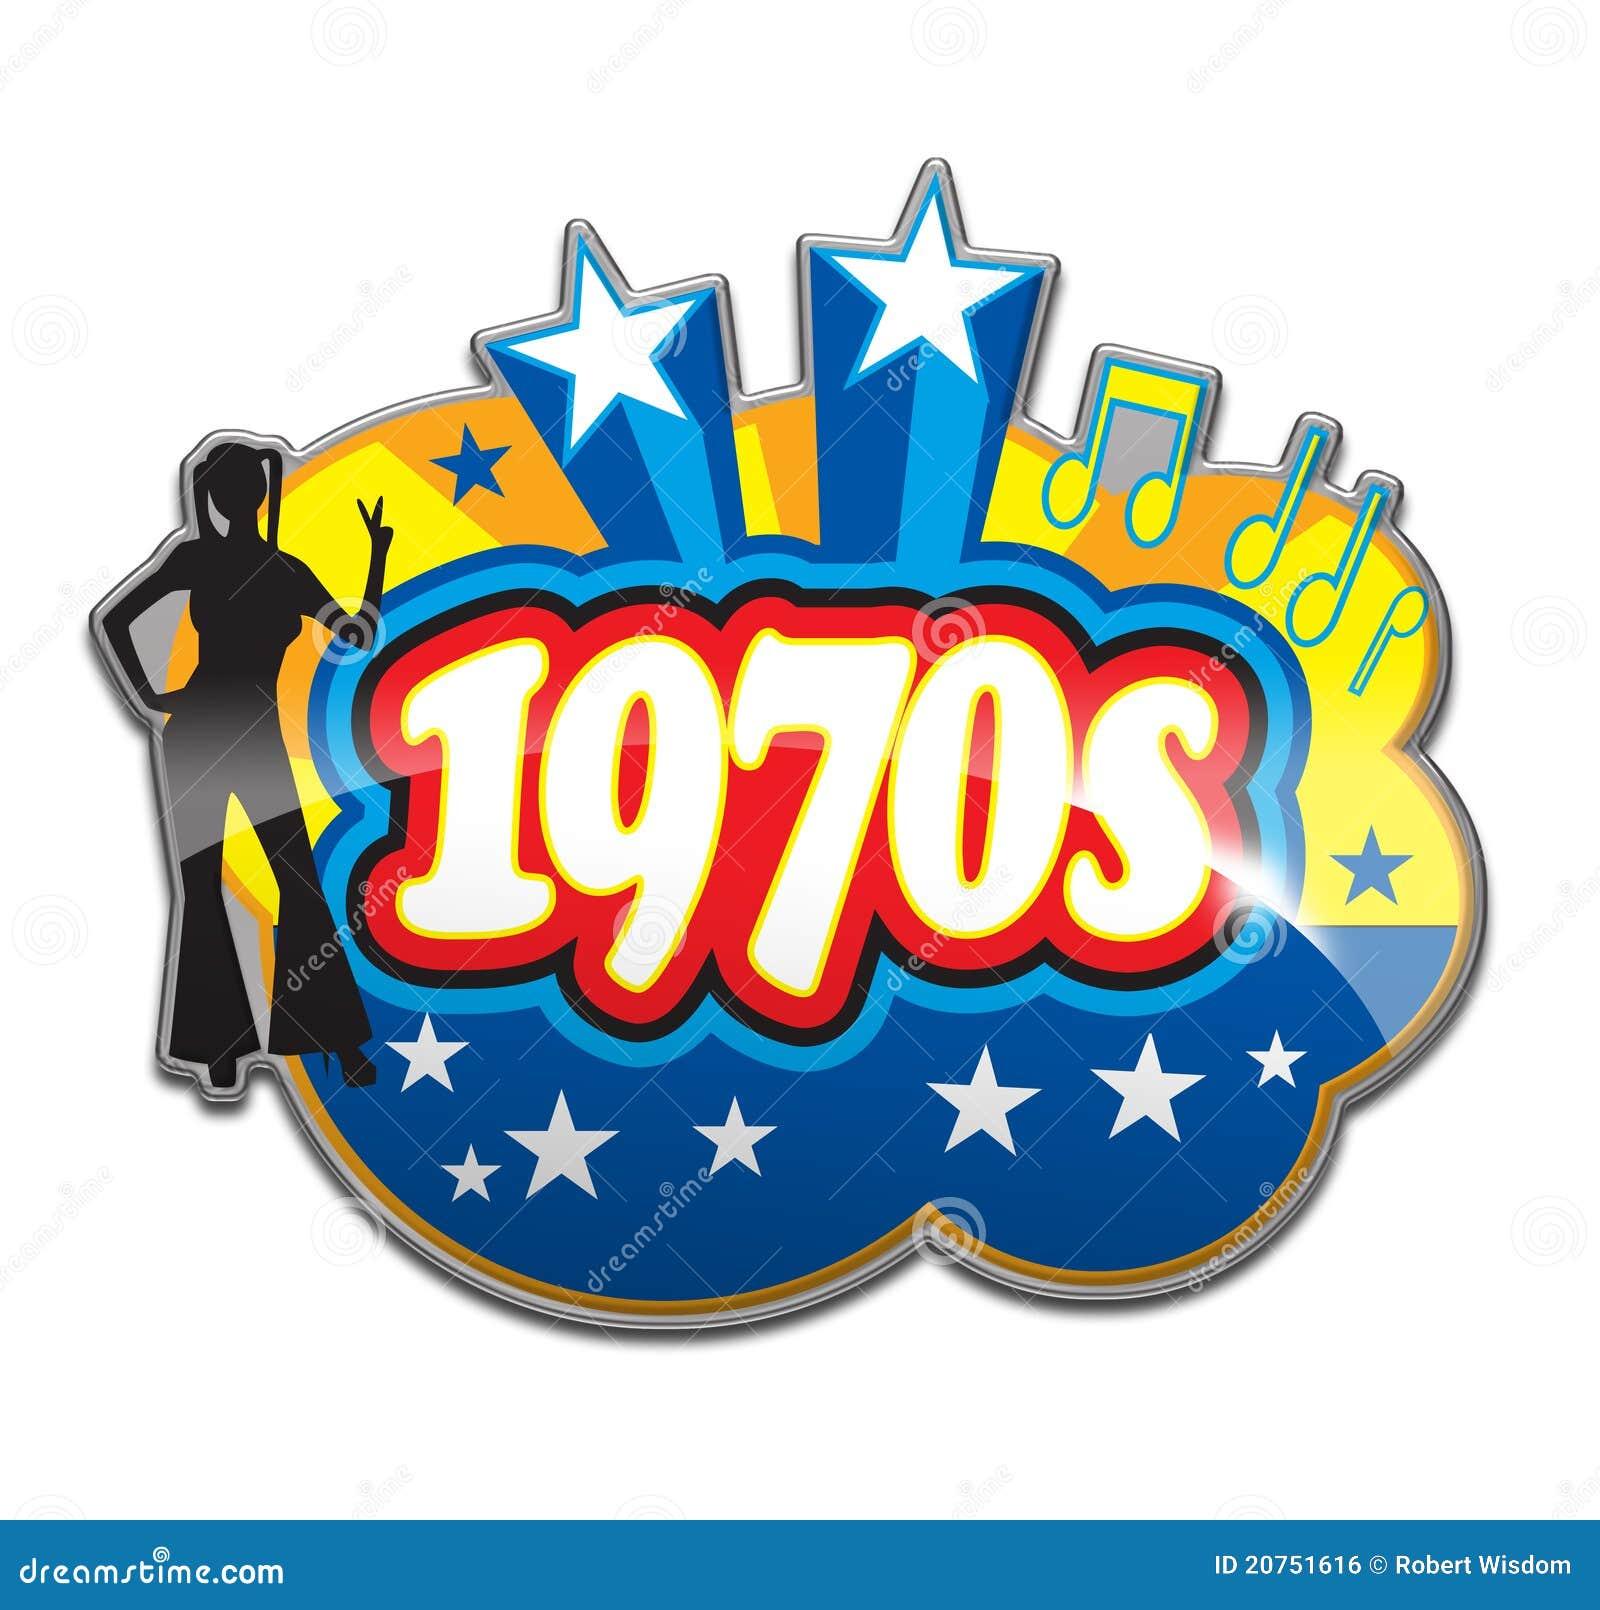 Os Anos 70 Imagem De Stock Royalty Free Imagem 20751616